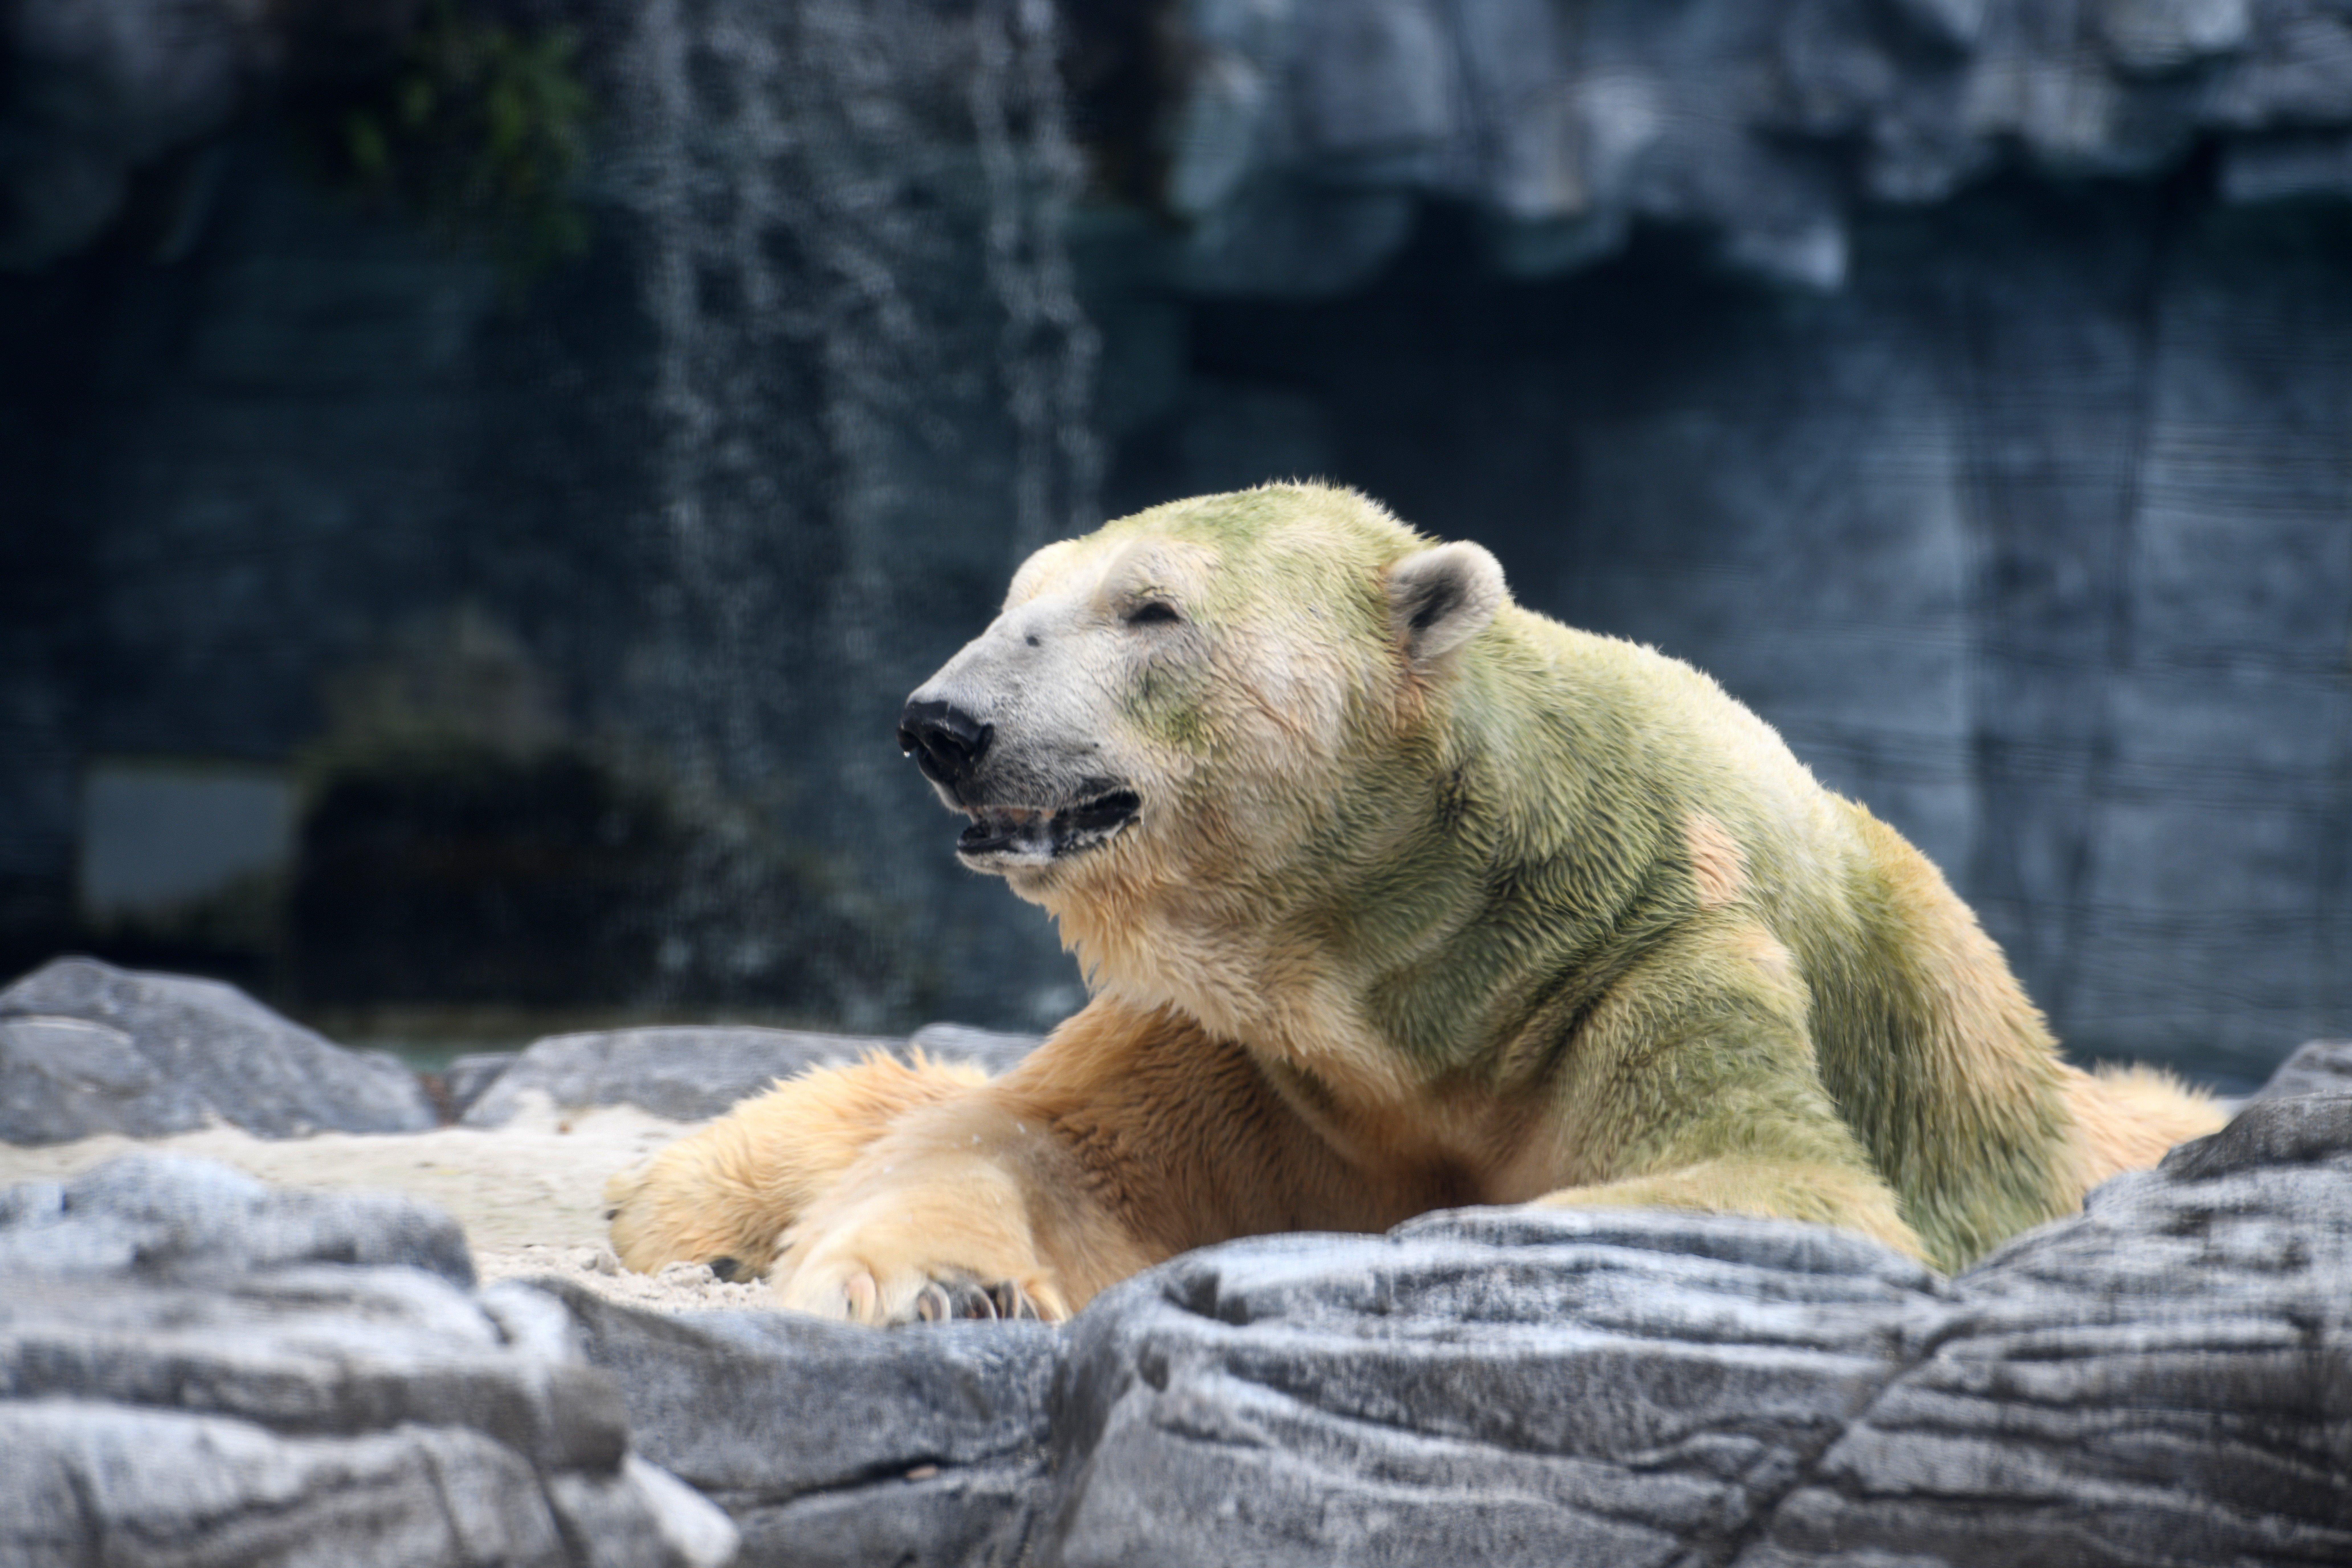 Friss hírek: Inuka beteg volt, a szőre is zöld színű lett.